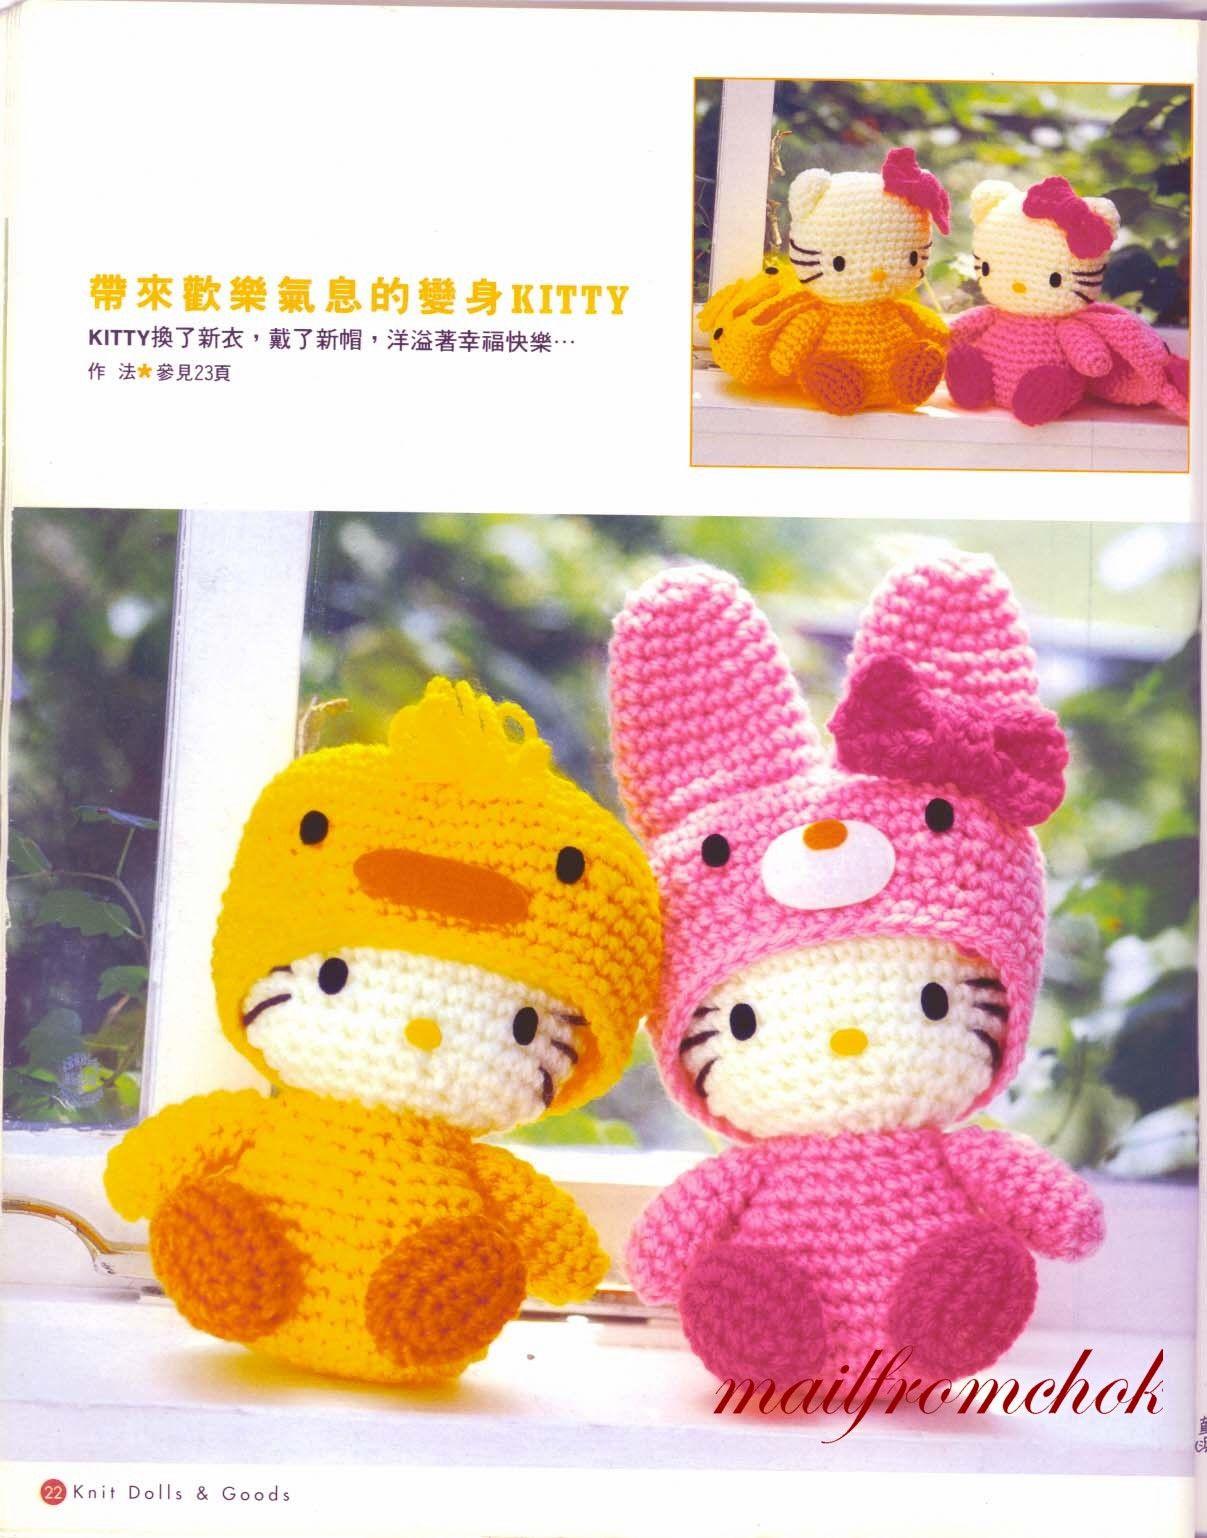 Amigurumi Kitty Espanol : Hello Kitty amigurumi patron espanol - Imagui